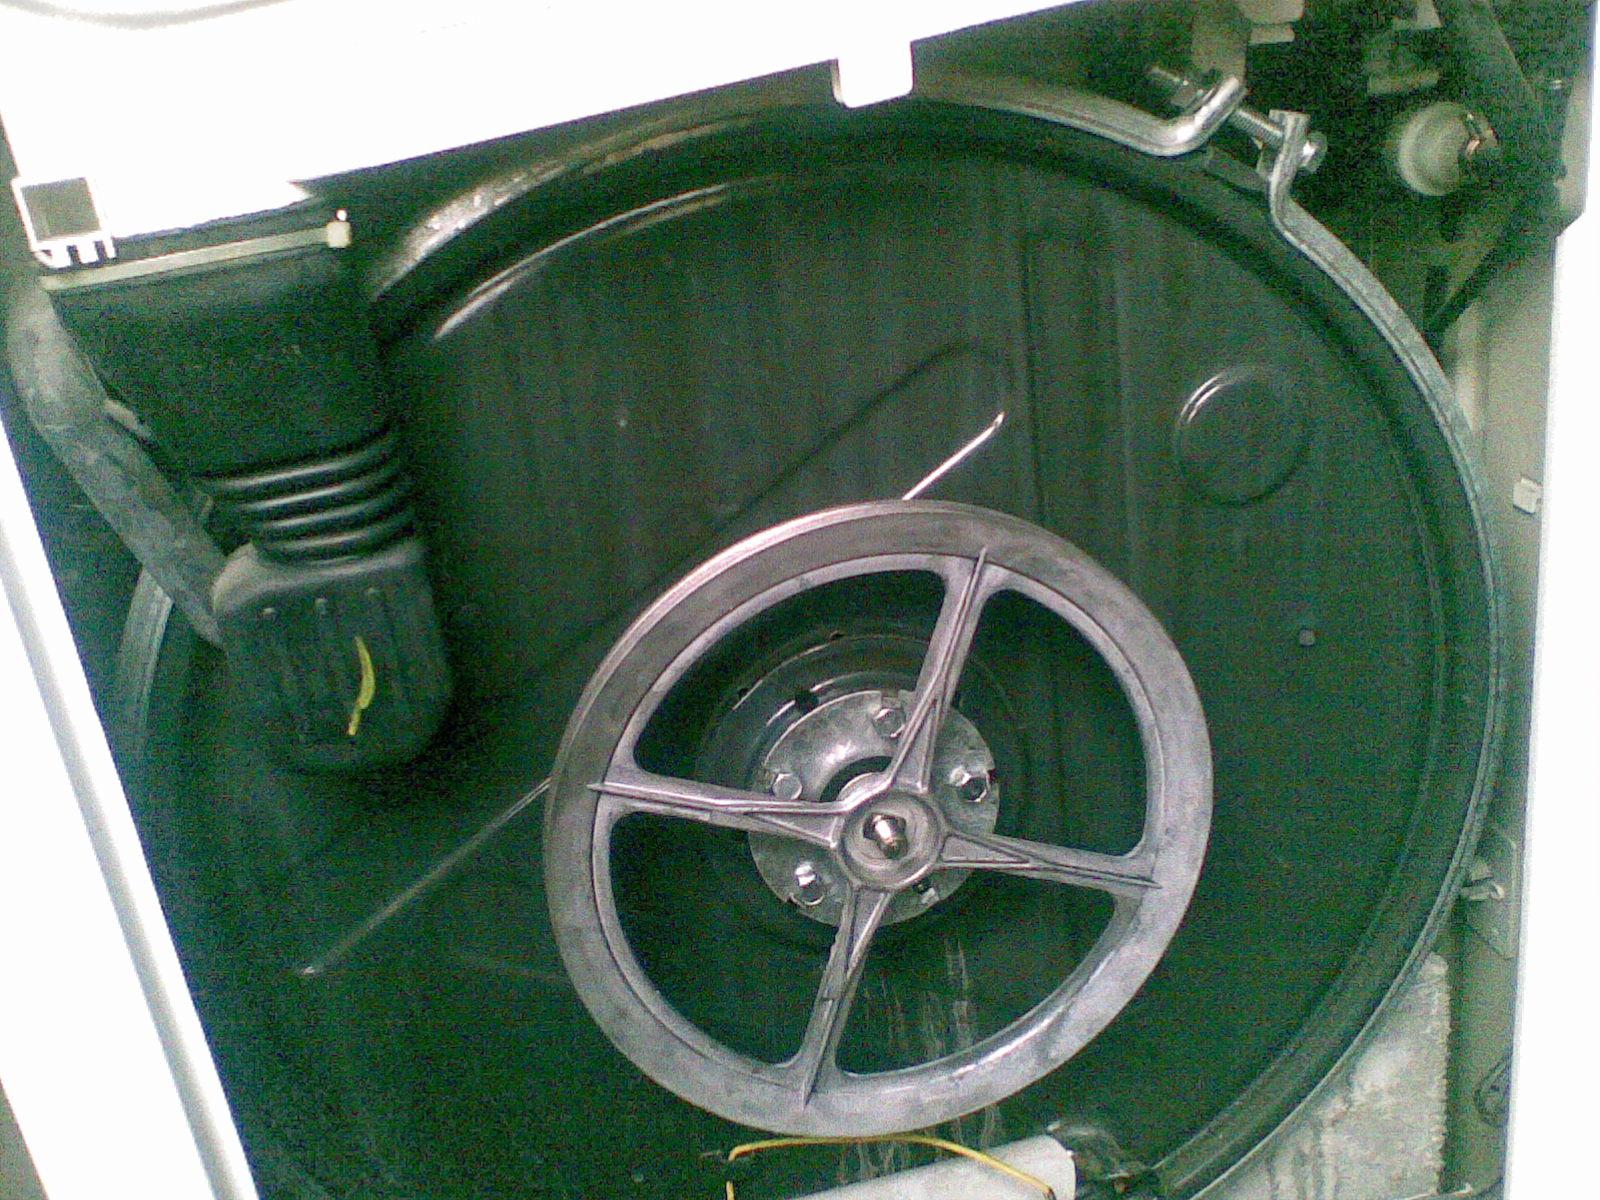 pralka Ardo T60 - uderzanie b�bna podczas prania i wir�wki